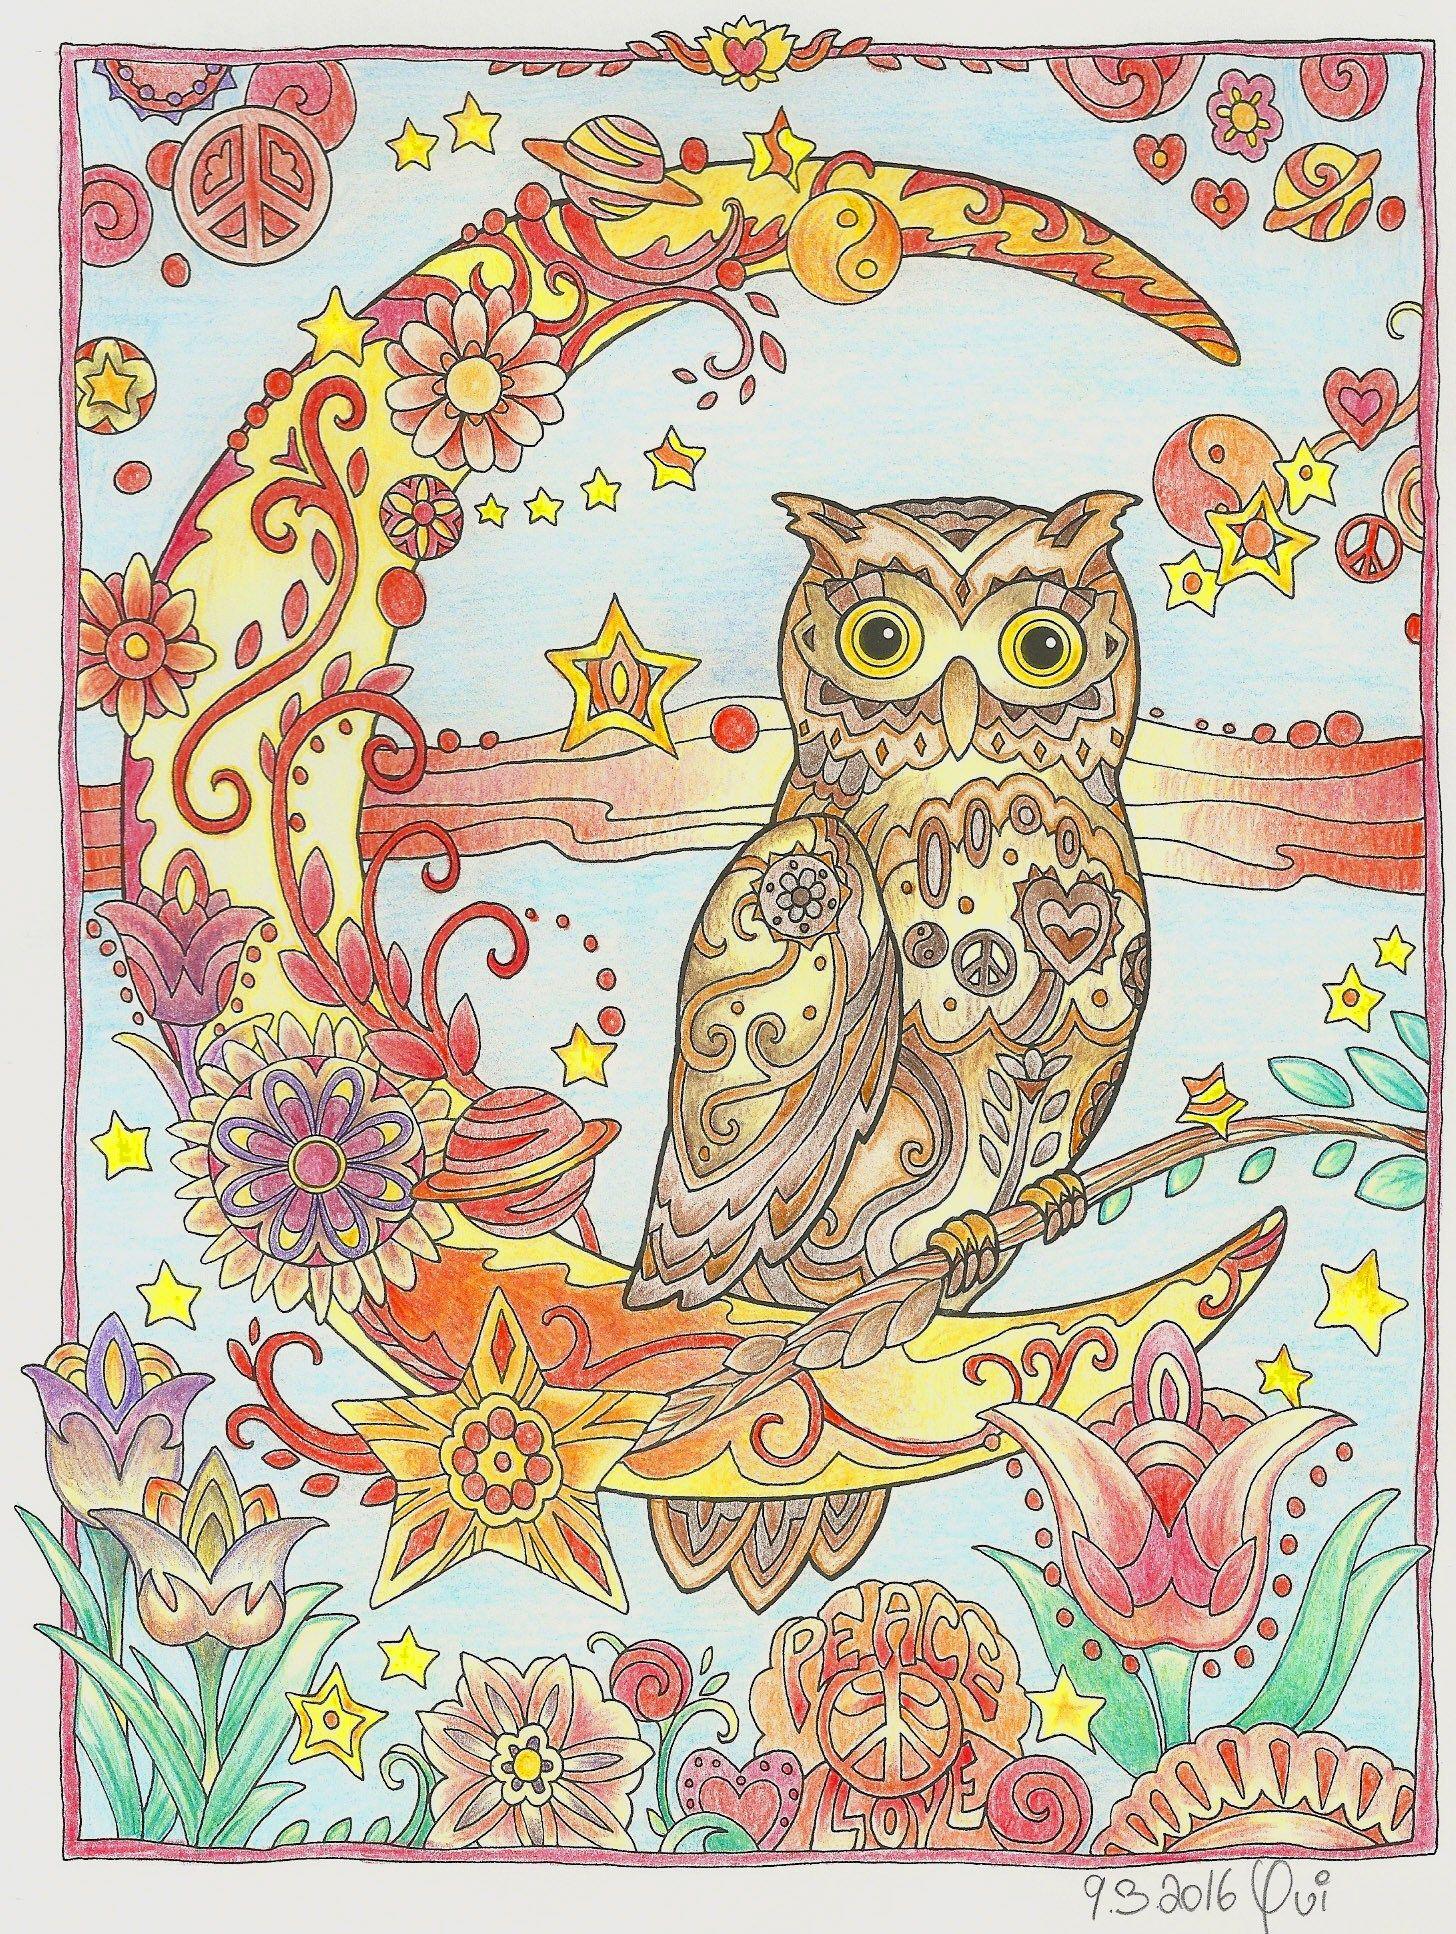 neue eule  malvorlage eule malvorlagen tiere vögel kunst